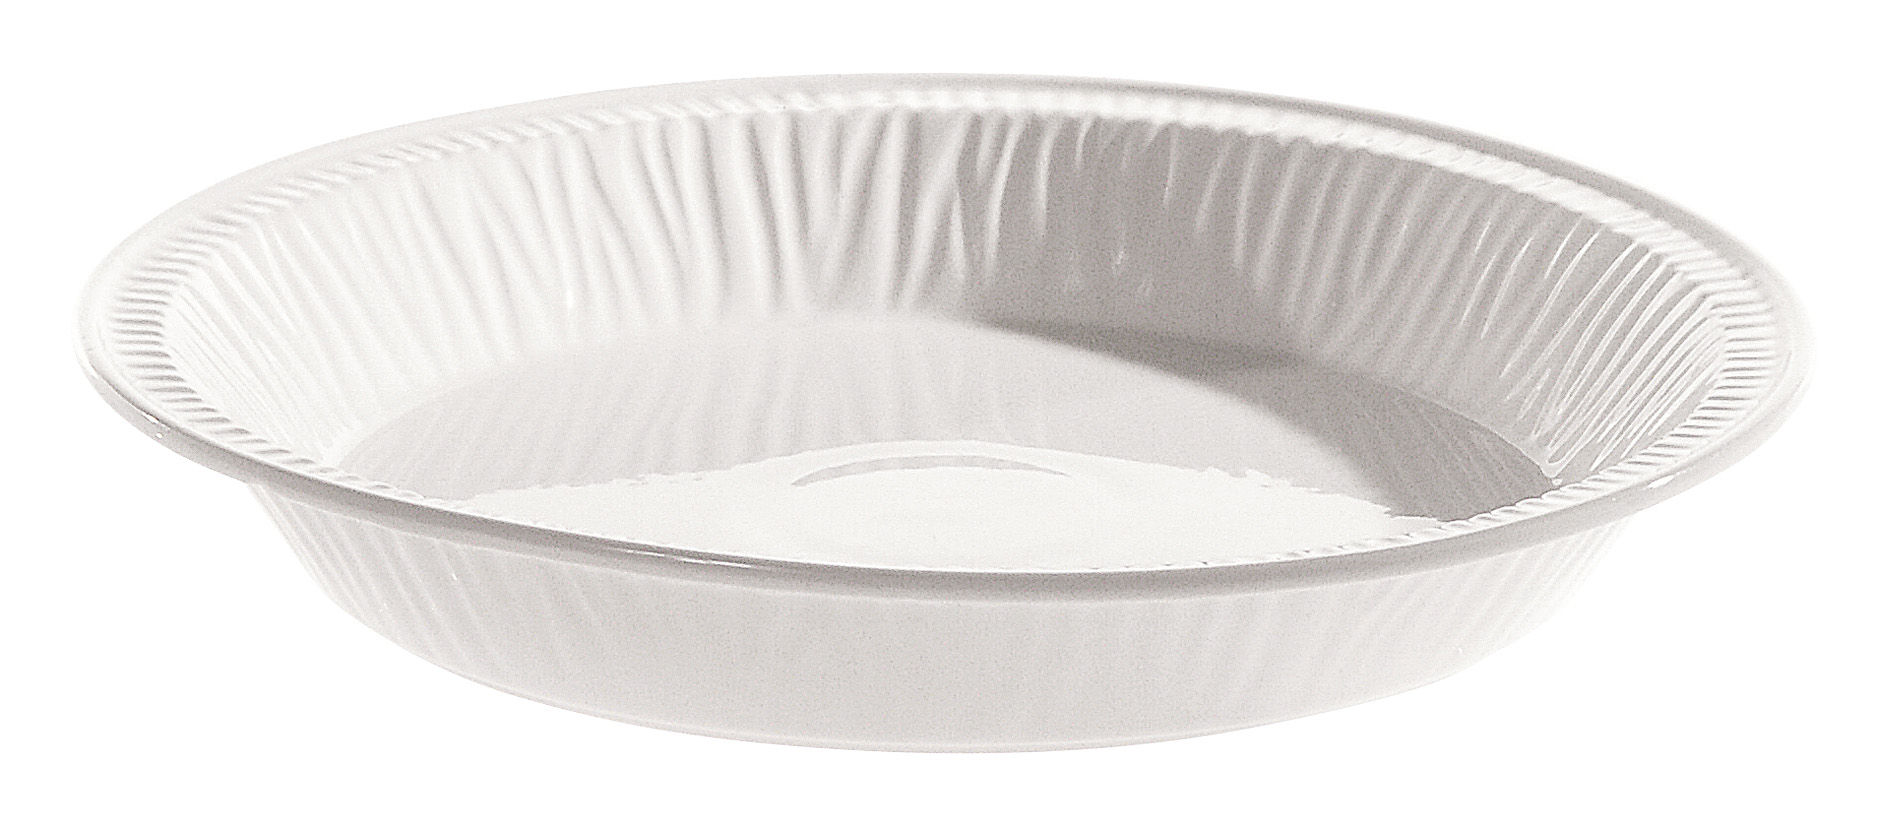 Tavola - Piatti  - Piatto fondo Estetico quotidiano - Ø 23 cm - In porcellana di Seletti - Bianco / Piatto fondo Ø 23 cm - Porcellana